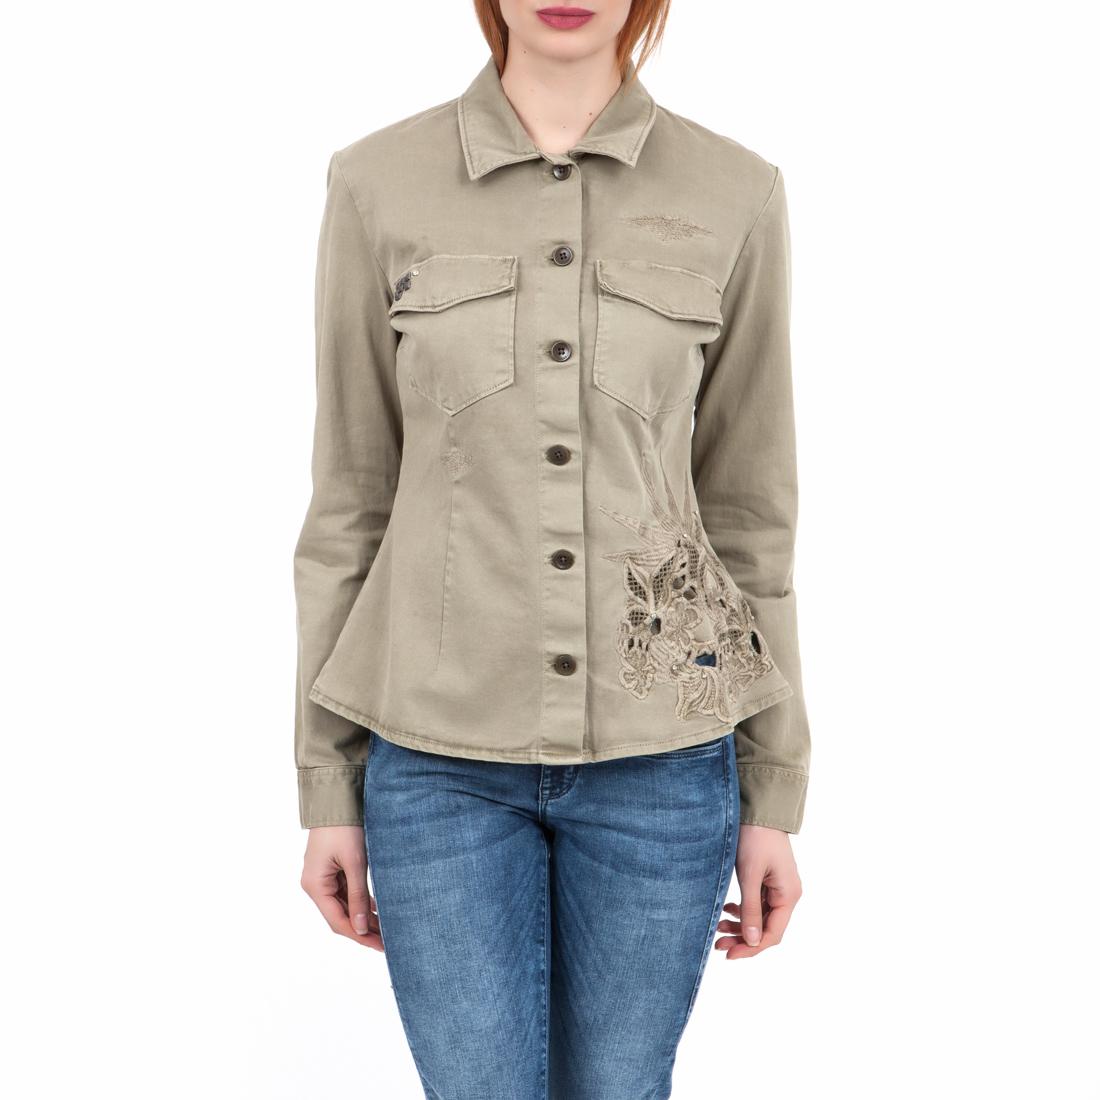 GUESS - Γυναικείο πουκάμισο GUESS χακί 6e2ac2f644c